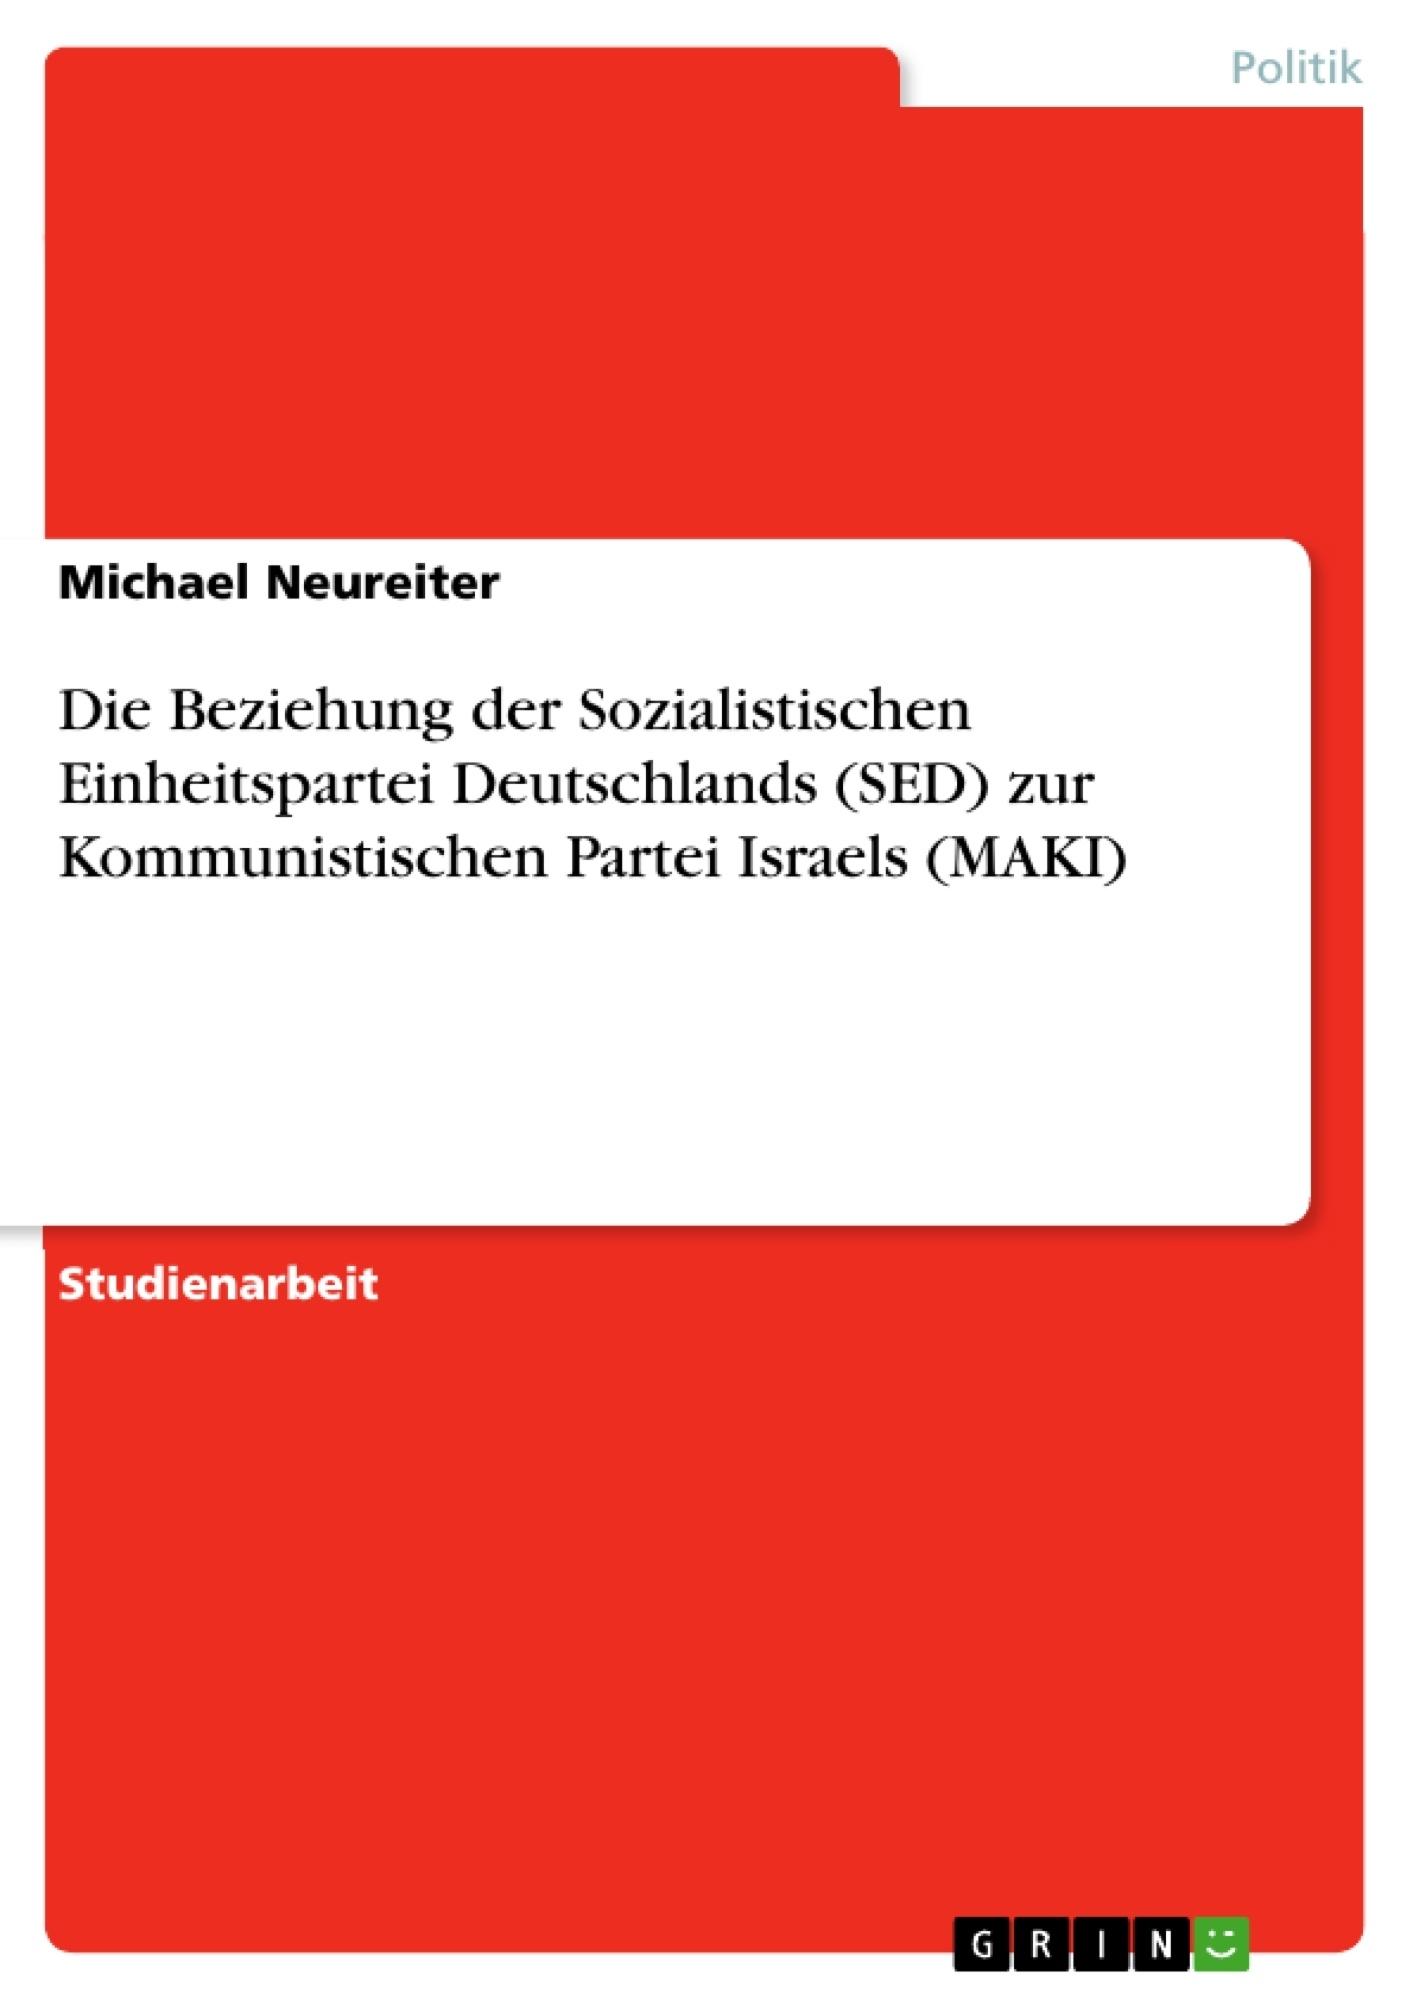 Titel: Die Beziehung der Sozialistischen Einheitspartei Deutschlands (SED) zur Kommunistischen Partei Israels (MAKI)